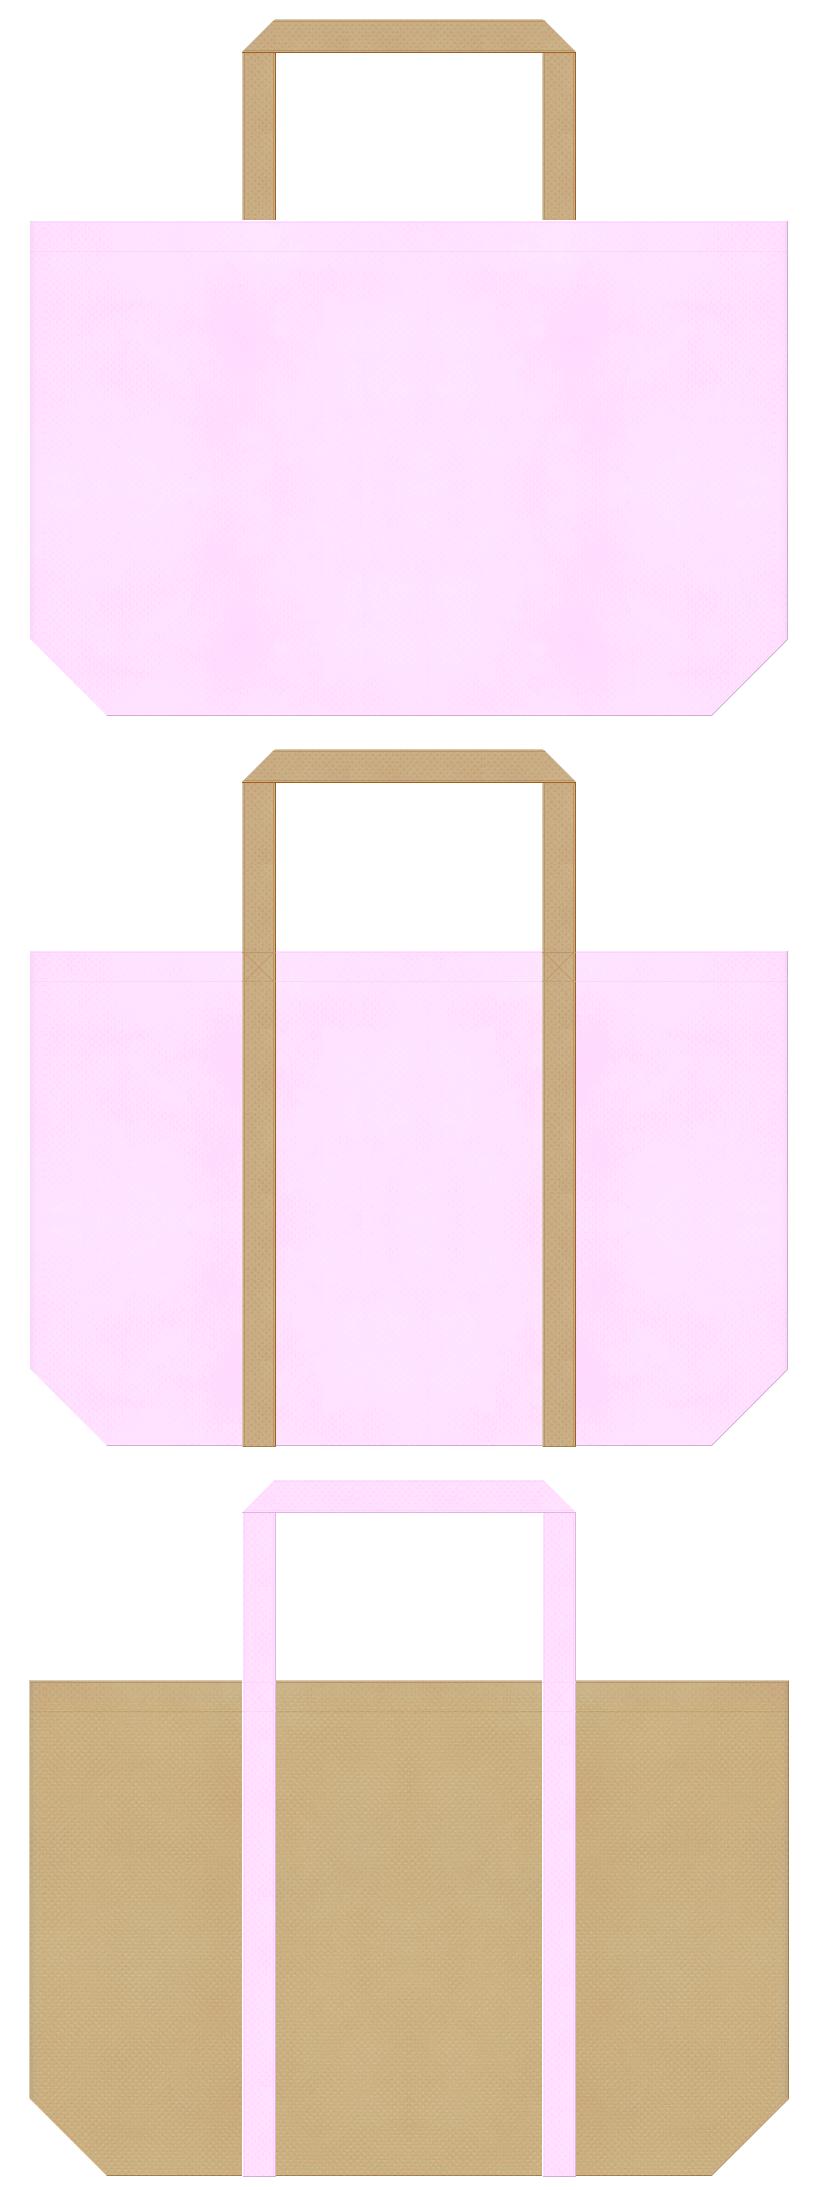 ペットショップ・ペットサロン・ペット用品・ペットフード・アニマルケア・ベアー・小鹿・ぬいぐるみ・手芸・ガーデニング・ガーリーデザインにお奨めの不織布バッグデザイン:明るいピンク色とカーキ色のコーデ